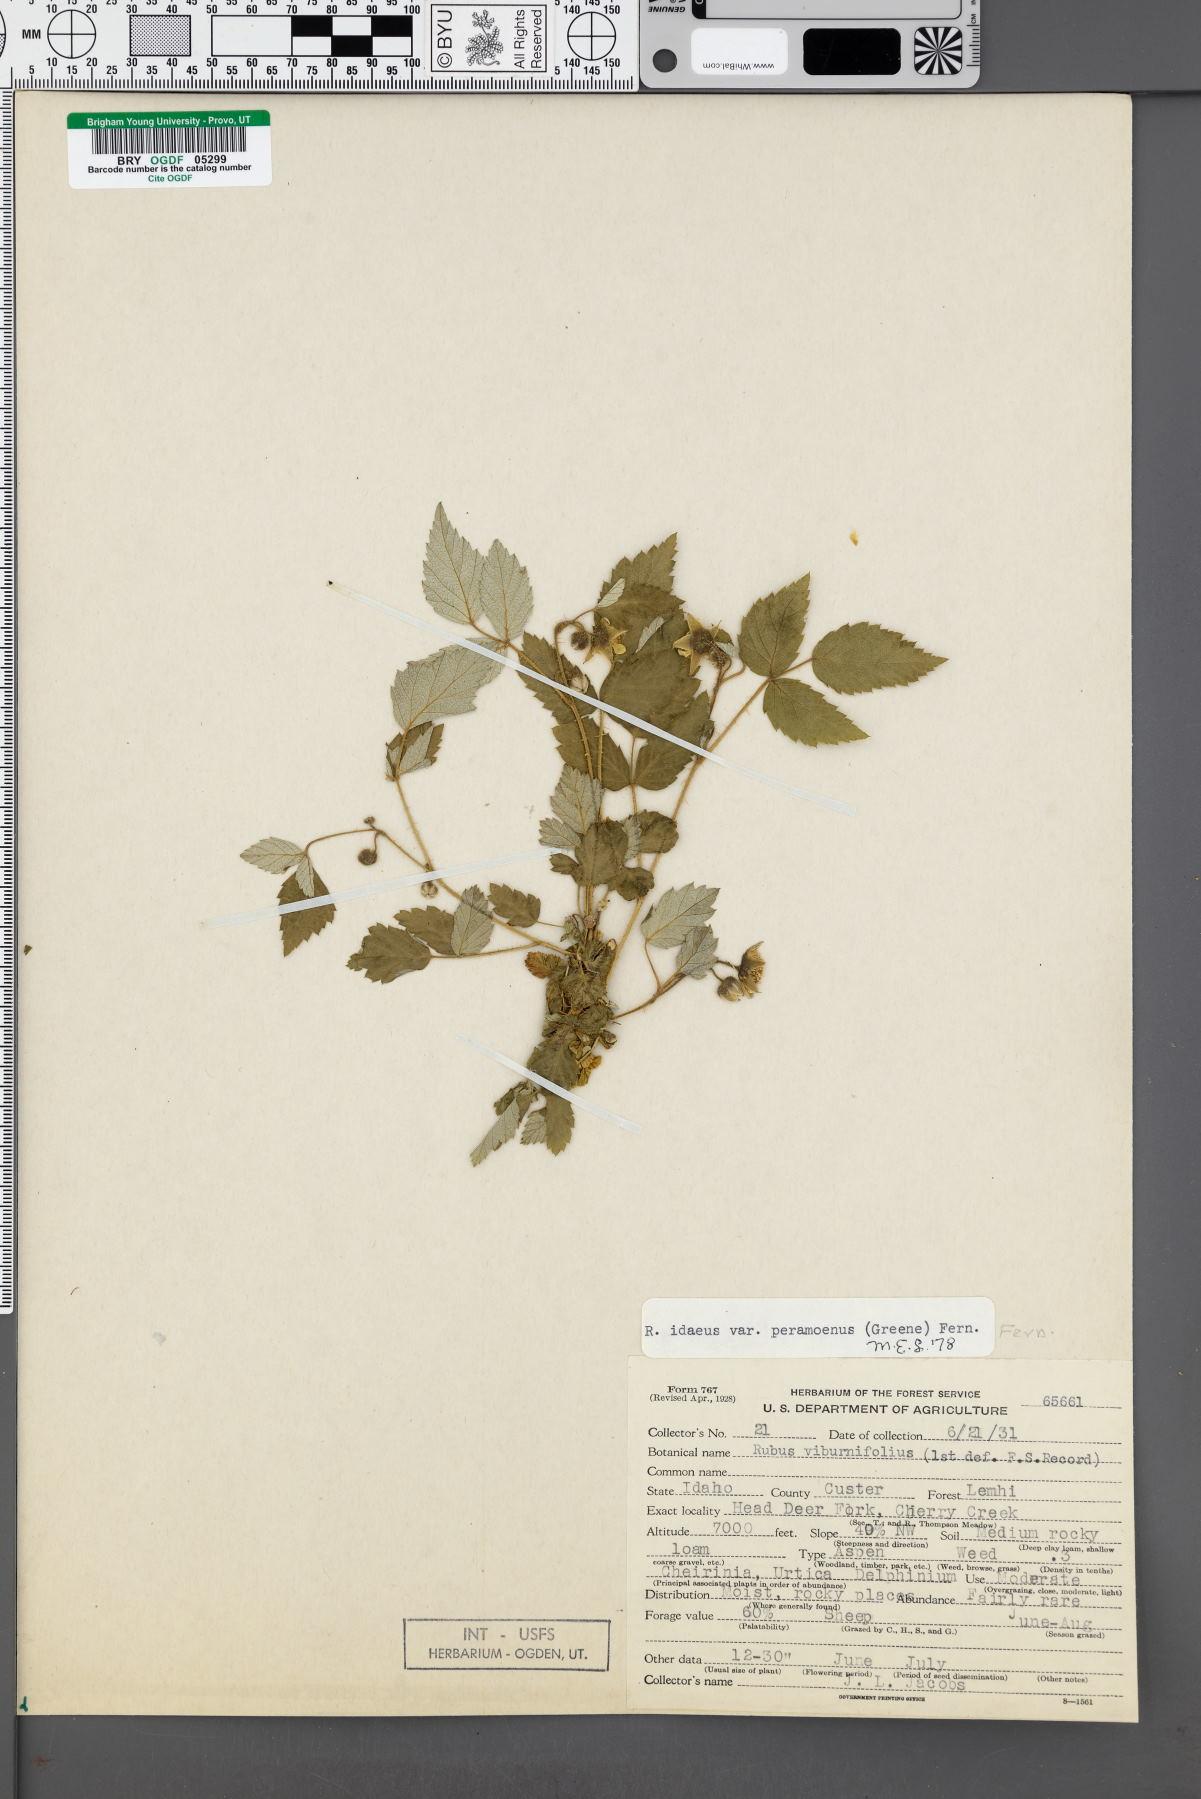 Rubus idaeus var. peramoenus image